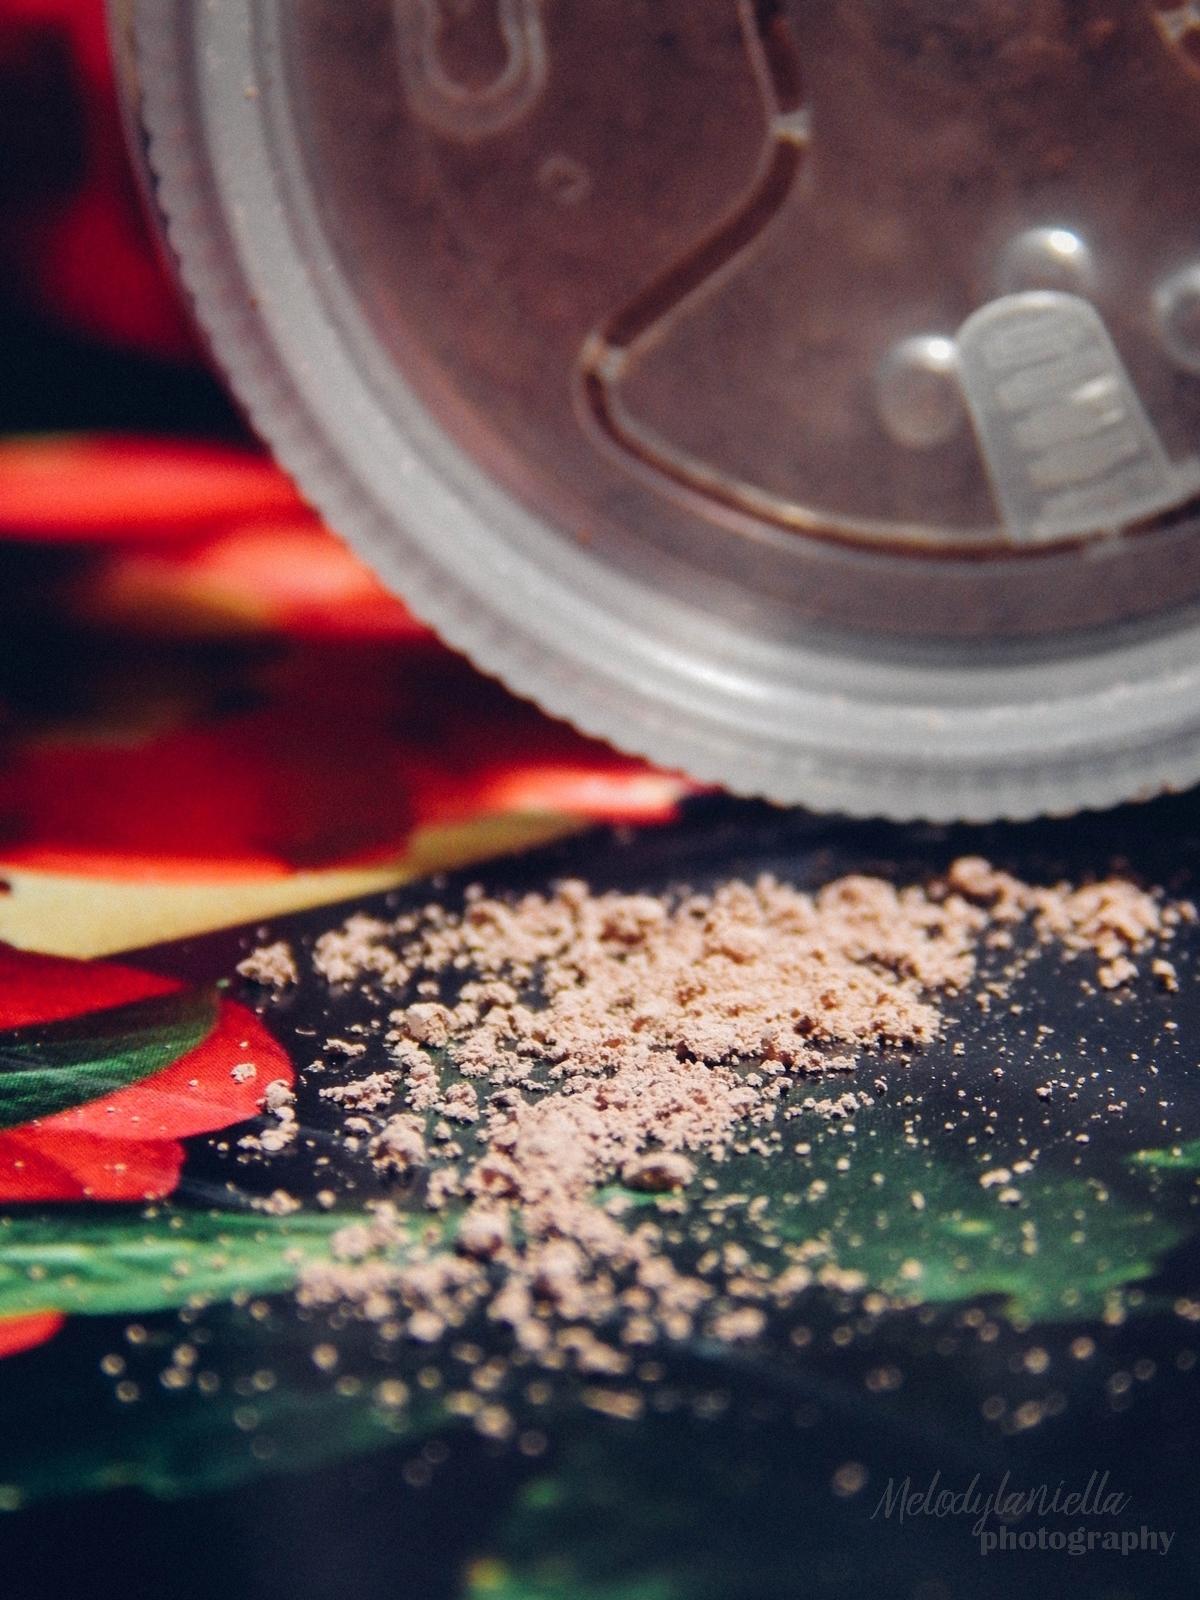 annabelle minerals kosmetyki mineralne zestaw matujący korektor podkład róż gratis pędzel jak używać kosmetyków mineralnych recenzja melodylaniella mineralny posklad